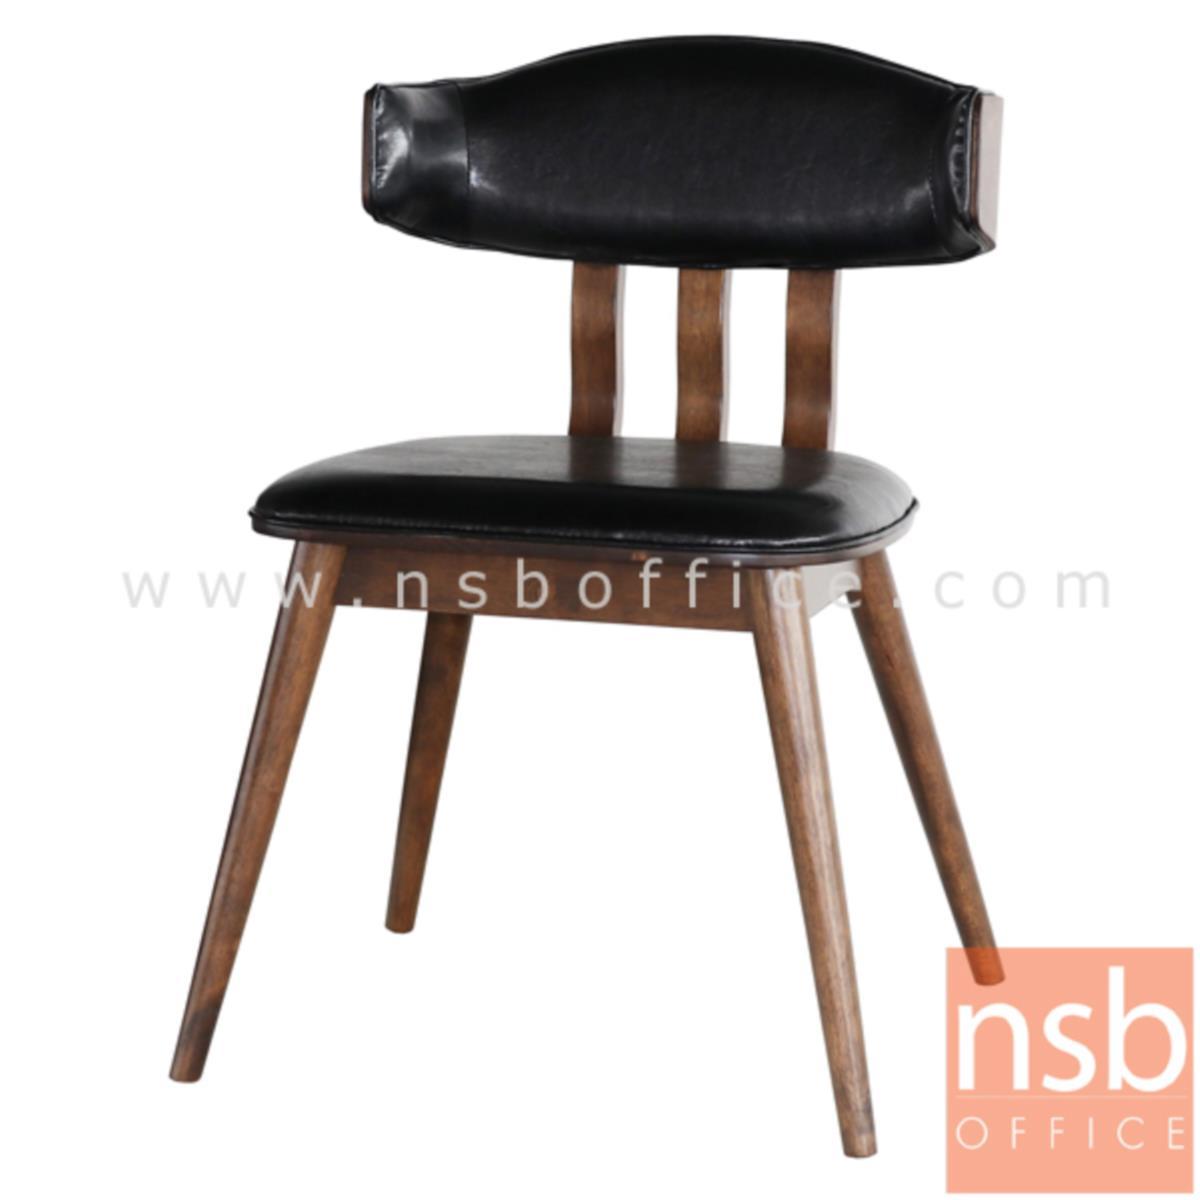 เก้าอี้ไม้ที่นั่งหุ้มหนังเทียมหรือหุ้มผ้า รุ่น EVERREY-FIX ขาไม้